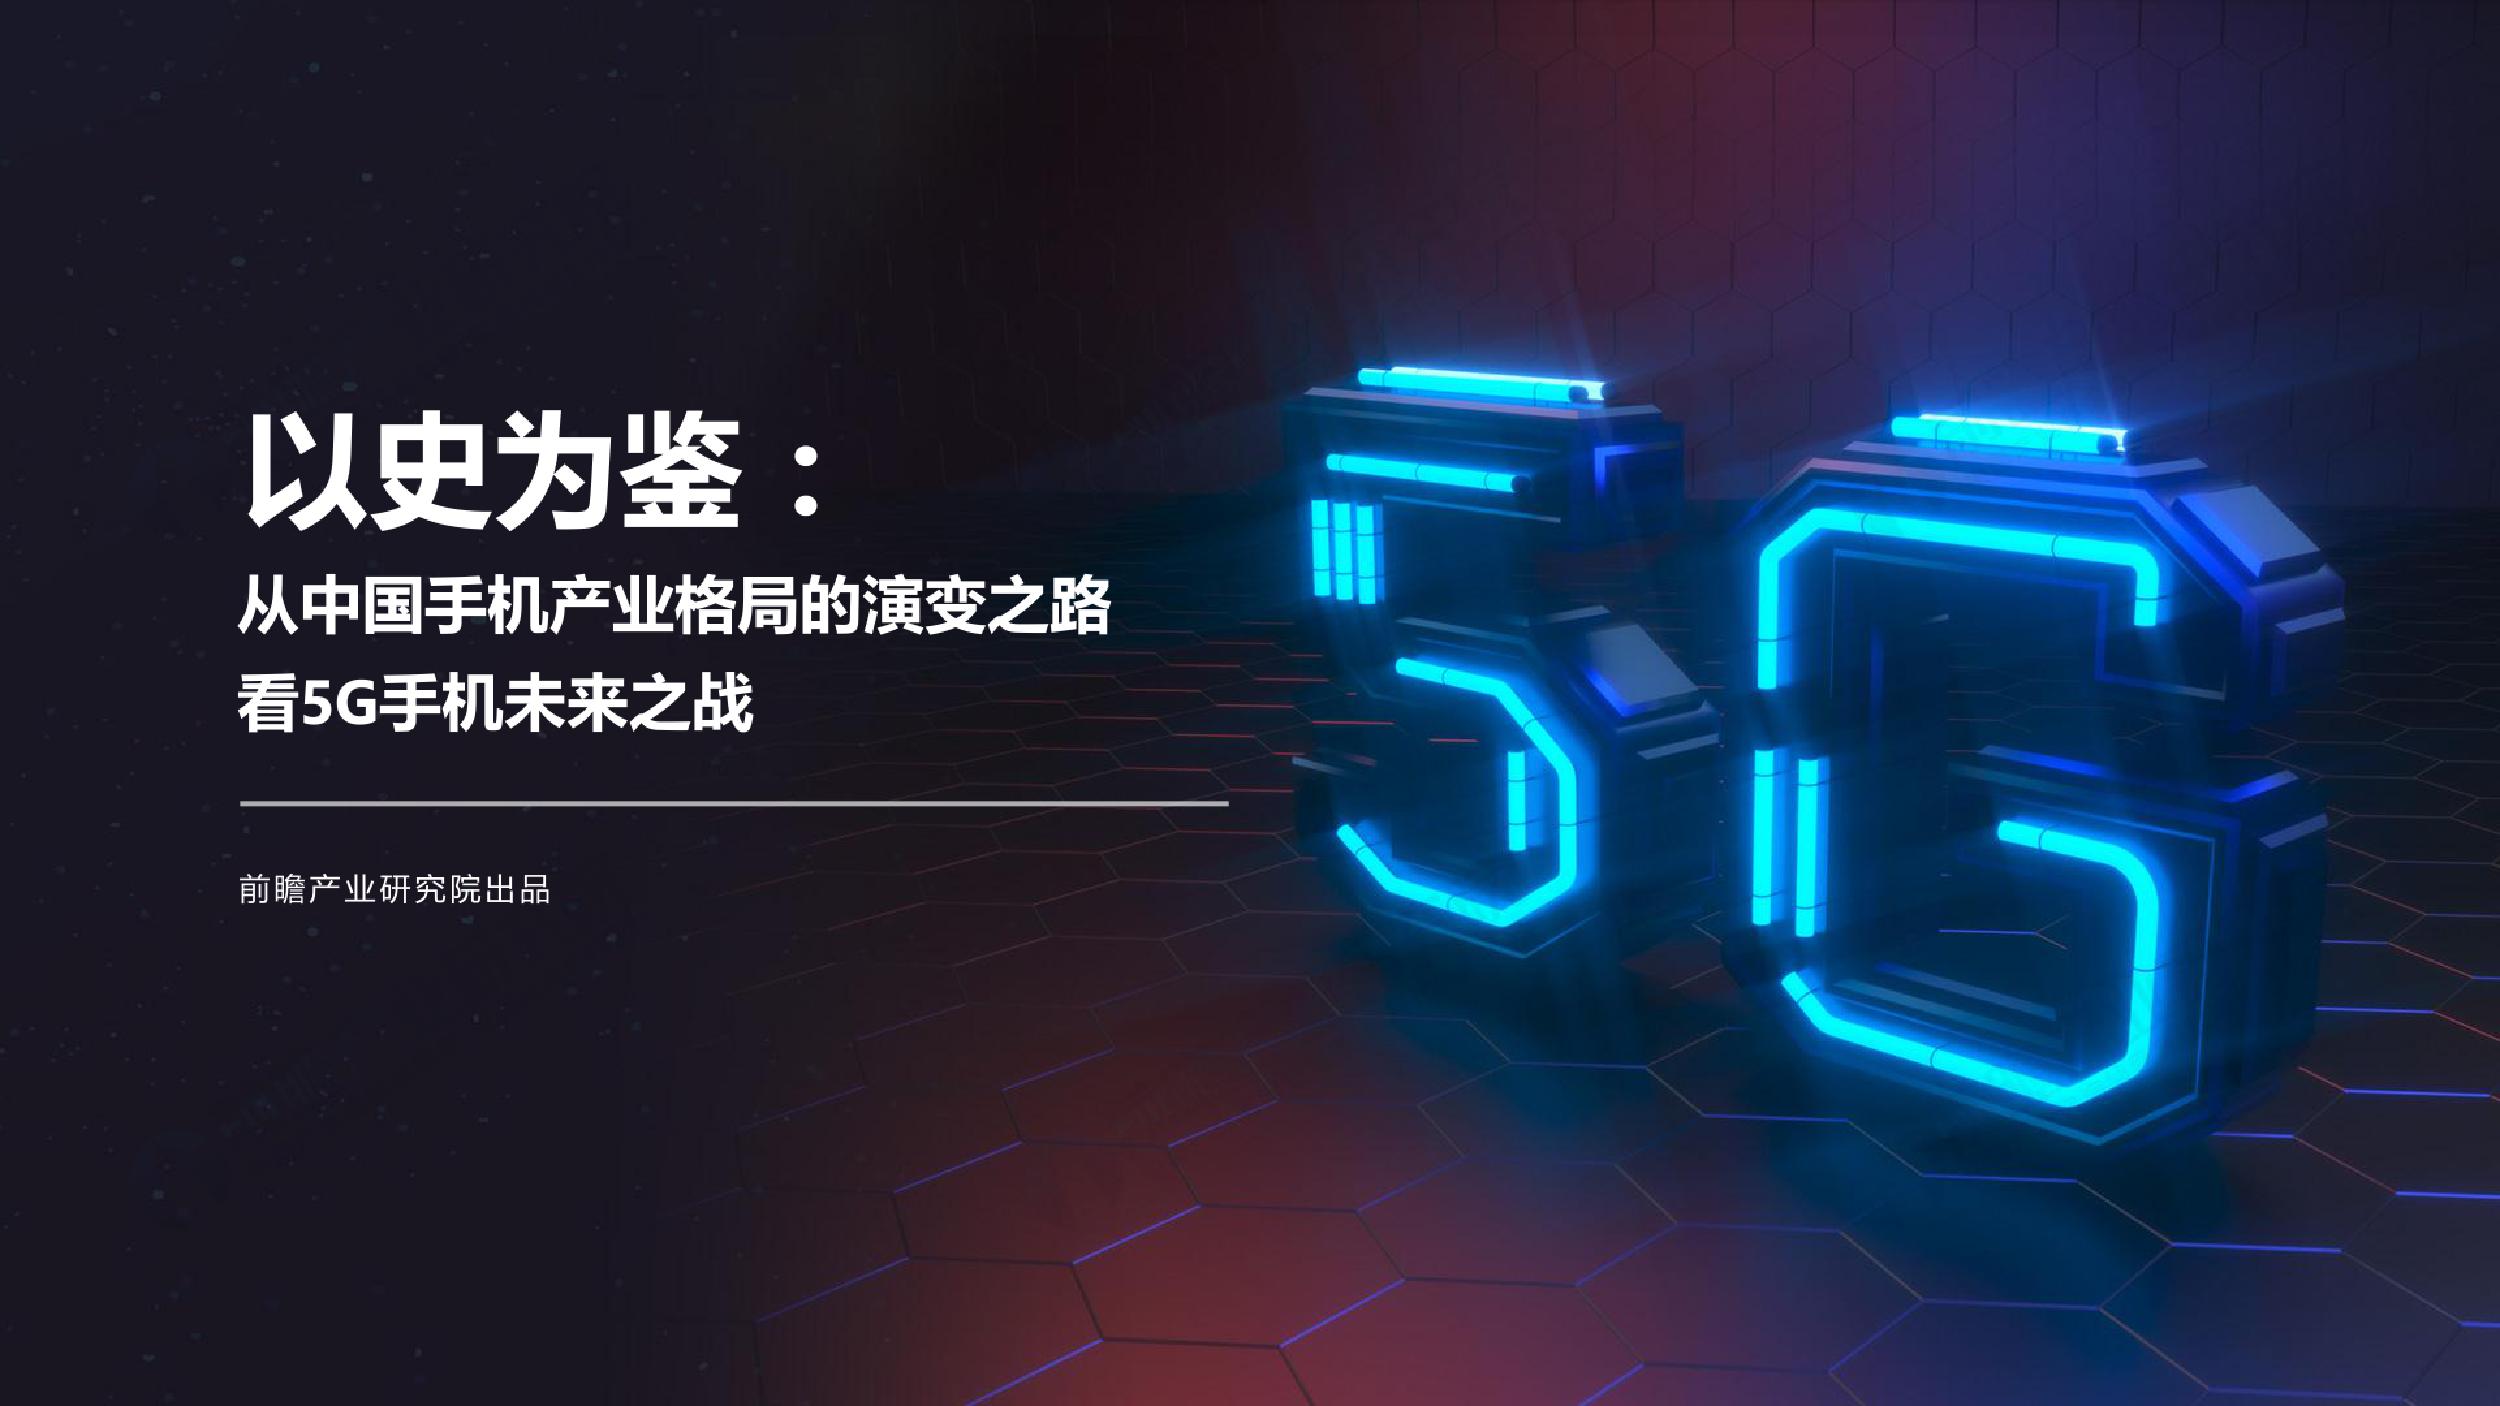 以史为鉴:从中国手机产业格局的演变之路看5G手机未来之战